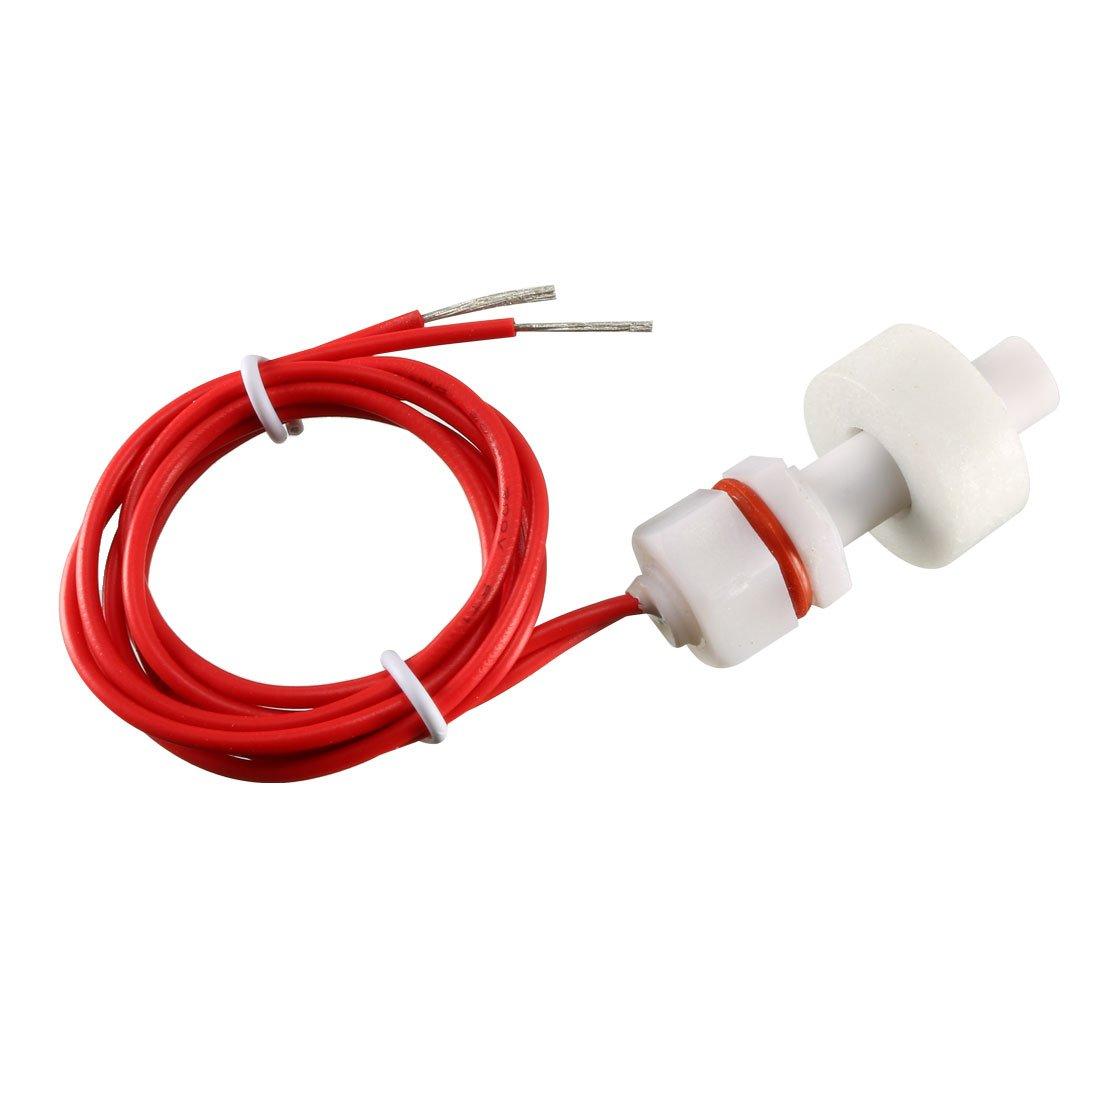 2 Piezas Mini Agua Líquido Sensor De Nivel Vertical Interruptor De Flotador 36mm ZP2508: Amazon.es: Bricolaje y herramientas